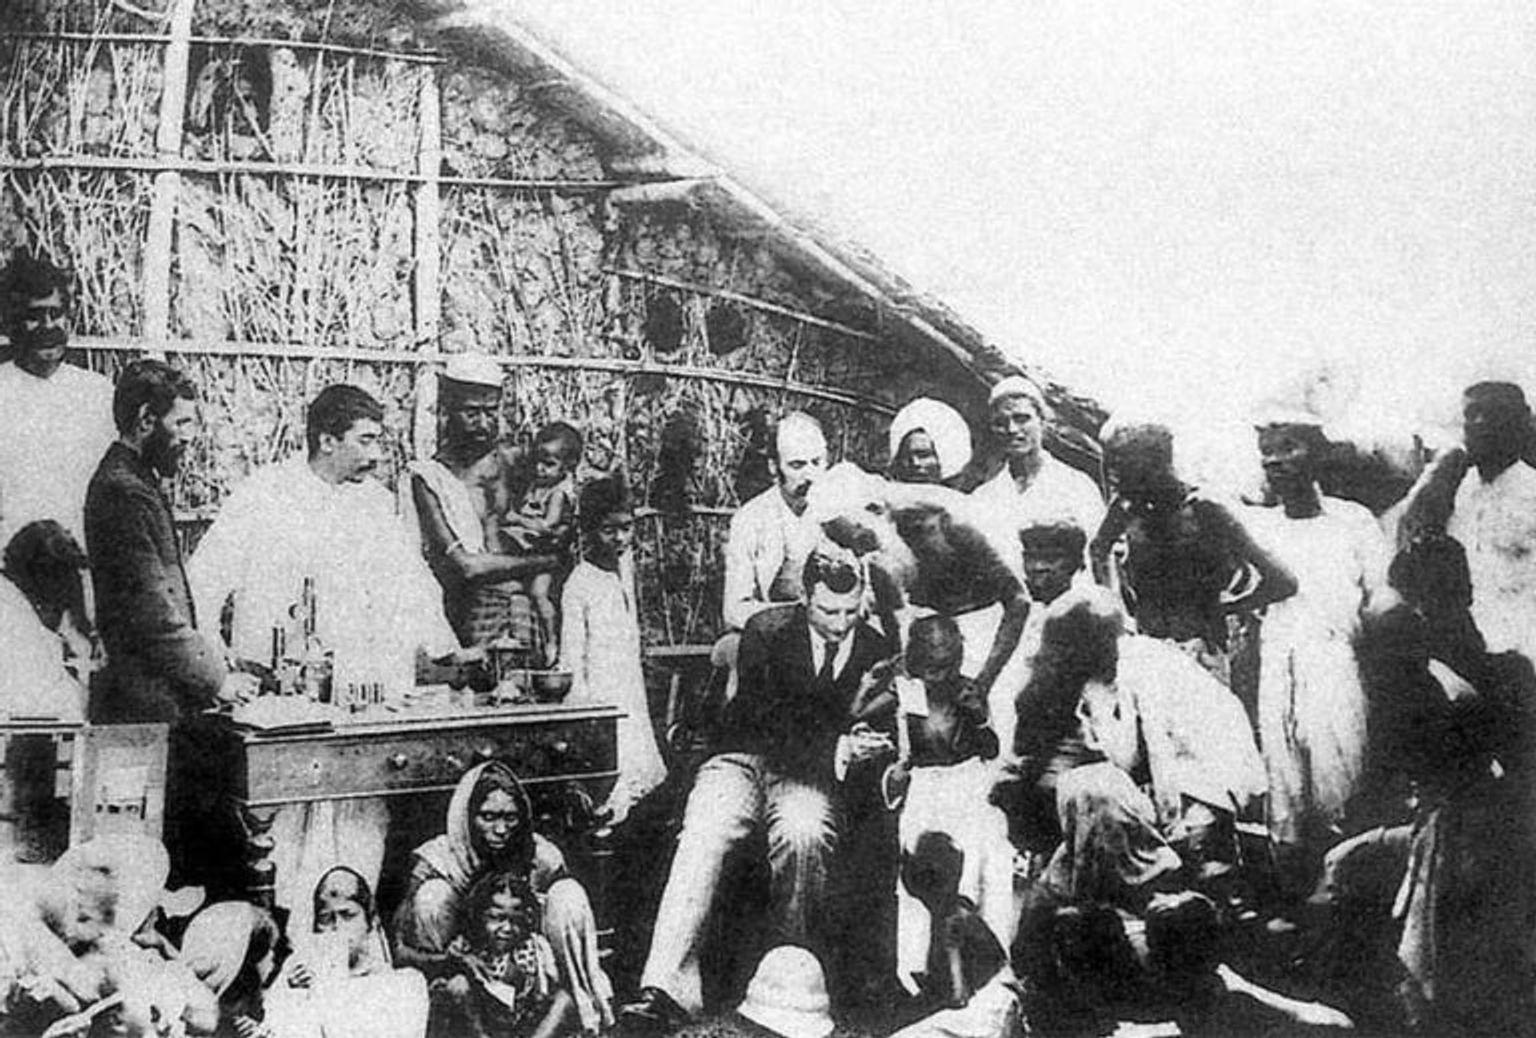 1897 г. Владимир Хавкин делает прививки в Мумбае. На главном снимке статьи: Владимир Хавкин в своей лаборатории в Бомбее